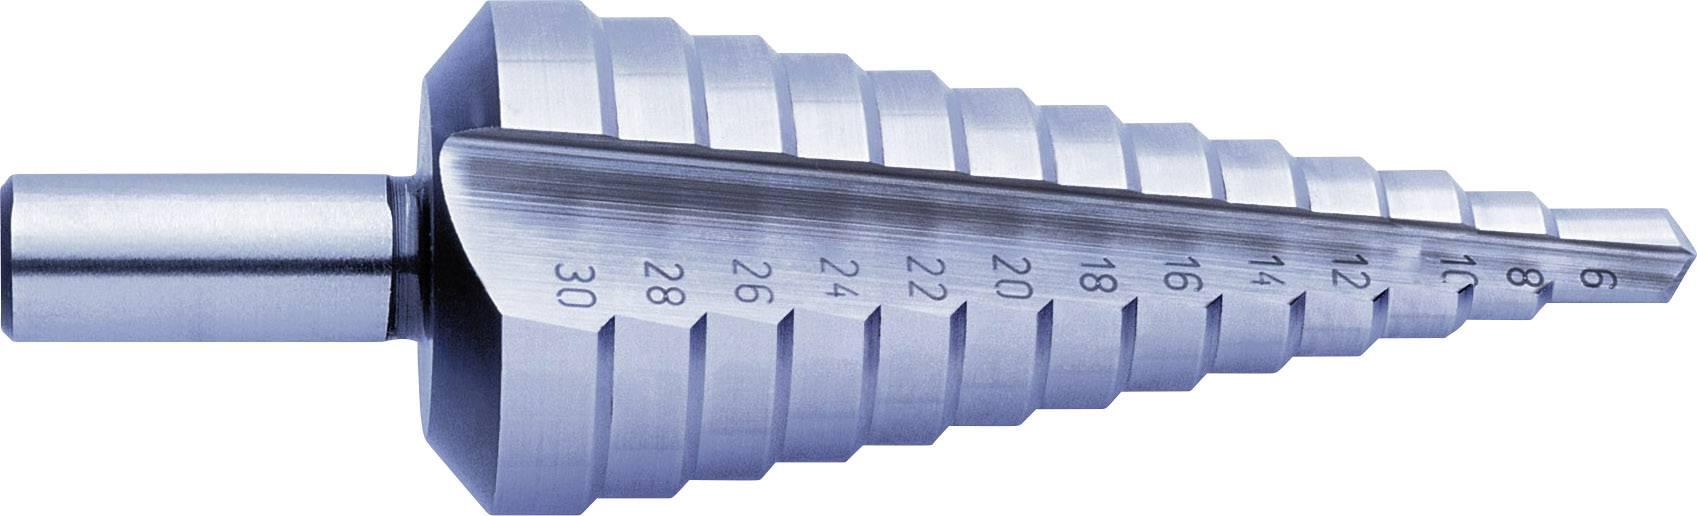 HSS stupňovitý vrták Exact 1605329 SB-VERPACKUNG, 6 - 30 mm, celková dĺžka 98 mm, kužeľový záhlbník, 1 ks